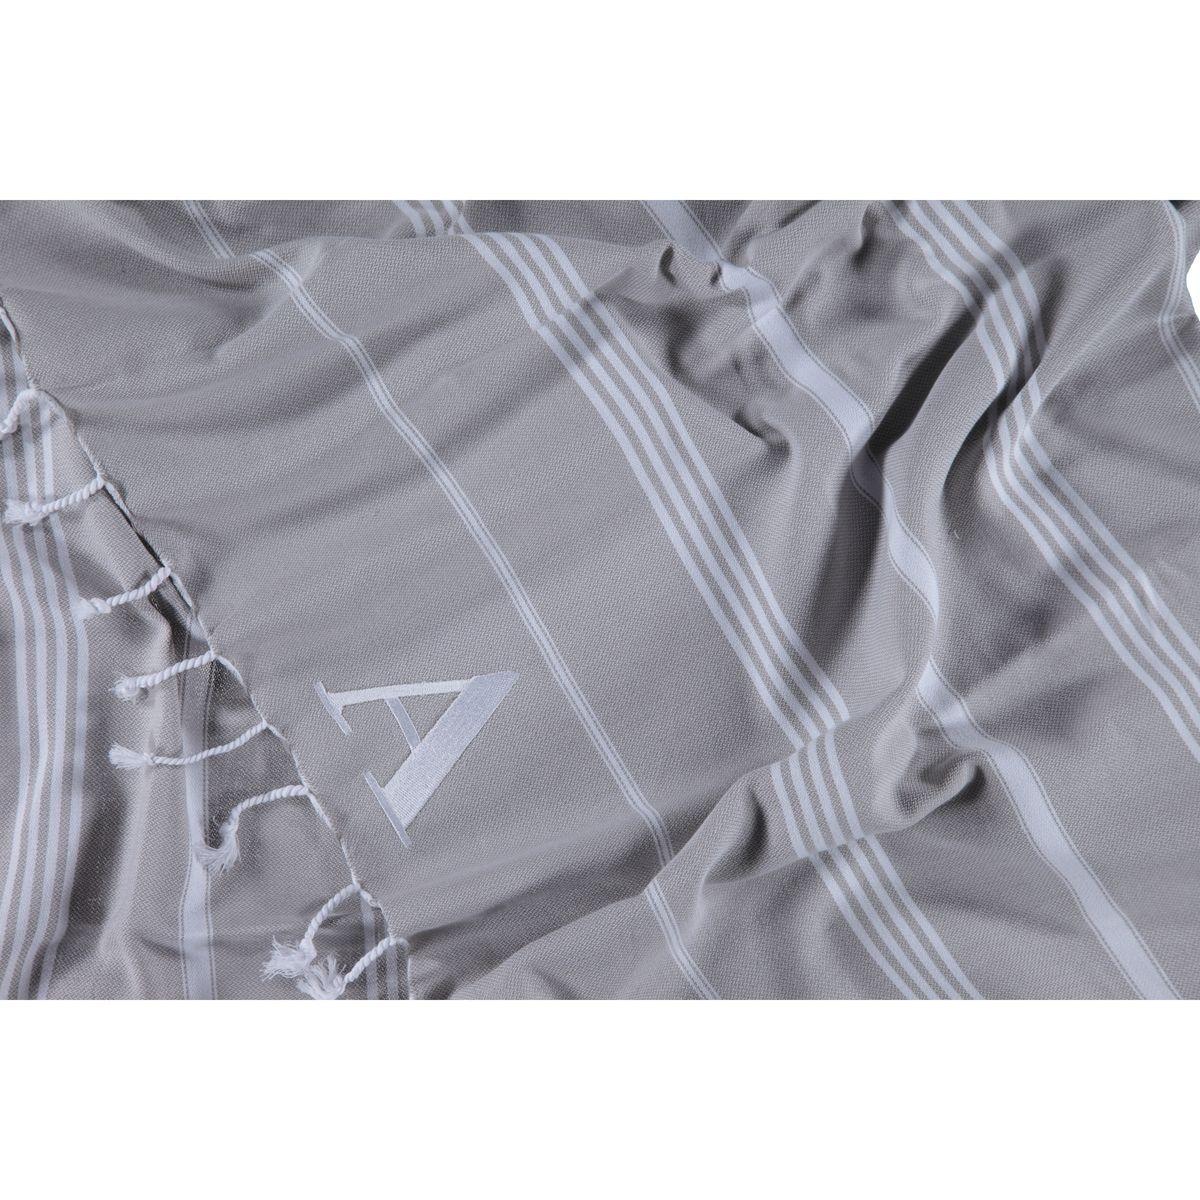 Peshtemal Monogrammed - Leyla Model - Dark Grey